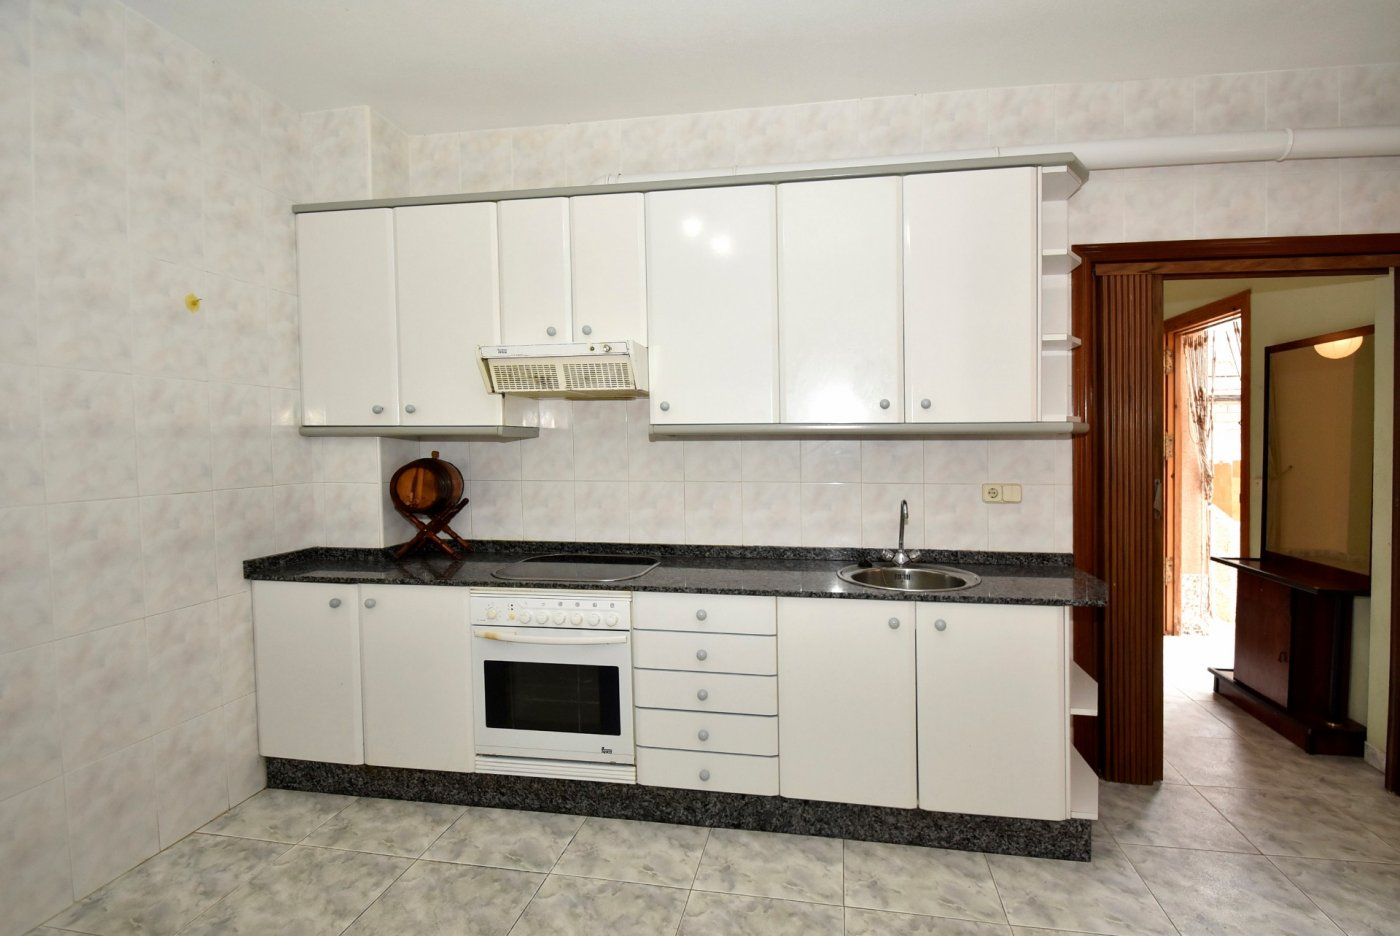 Casa para reformar en venta en Cartagena, Barrio De La Concepcion